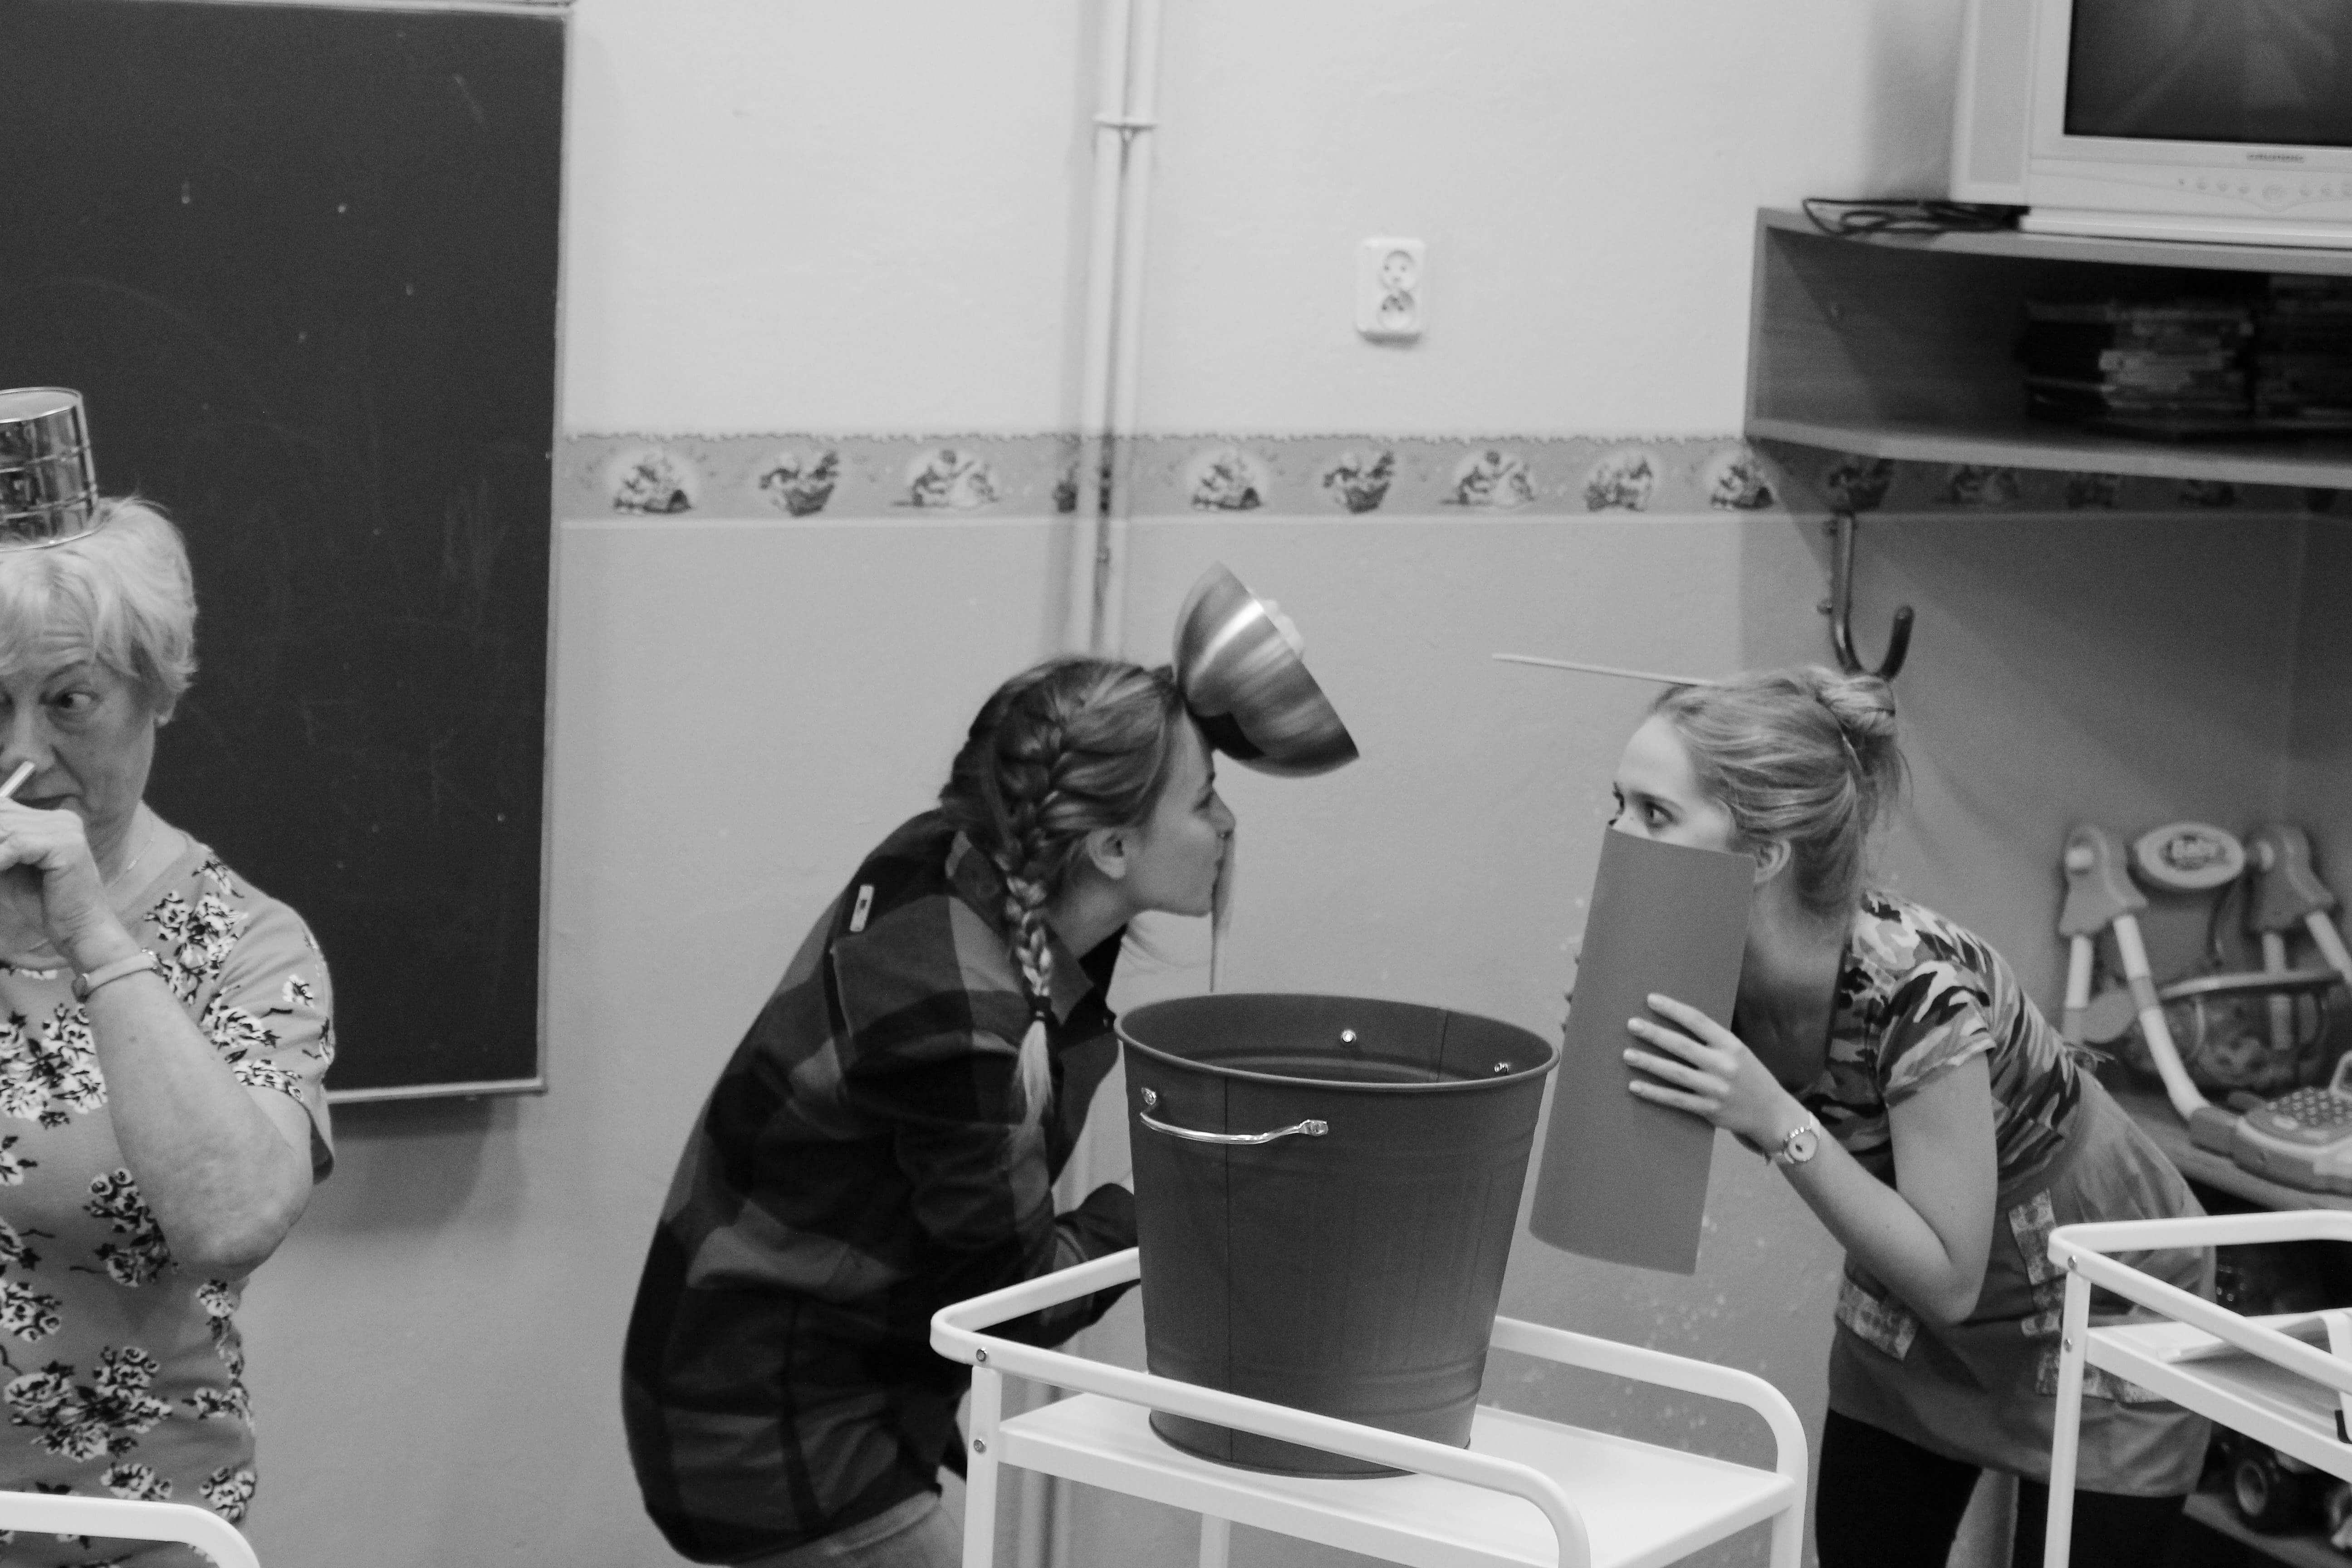 zdjęcie z projektu Dzwięczące wieżowce. Dwie aktorki wygłupiają się na scenie. Jedna przykłada miskę do czoła, druga zakrywa usta kartka papieru, trzecia ma na głowie kubek i słomkę w nosie.